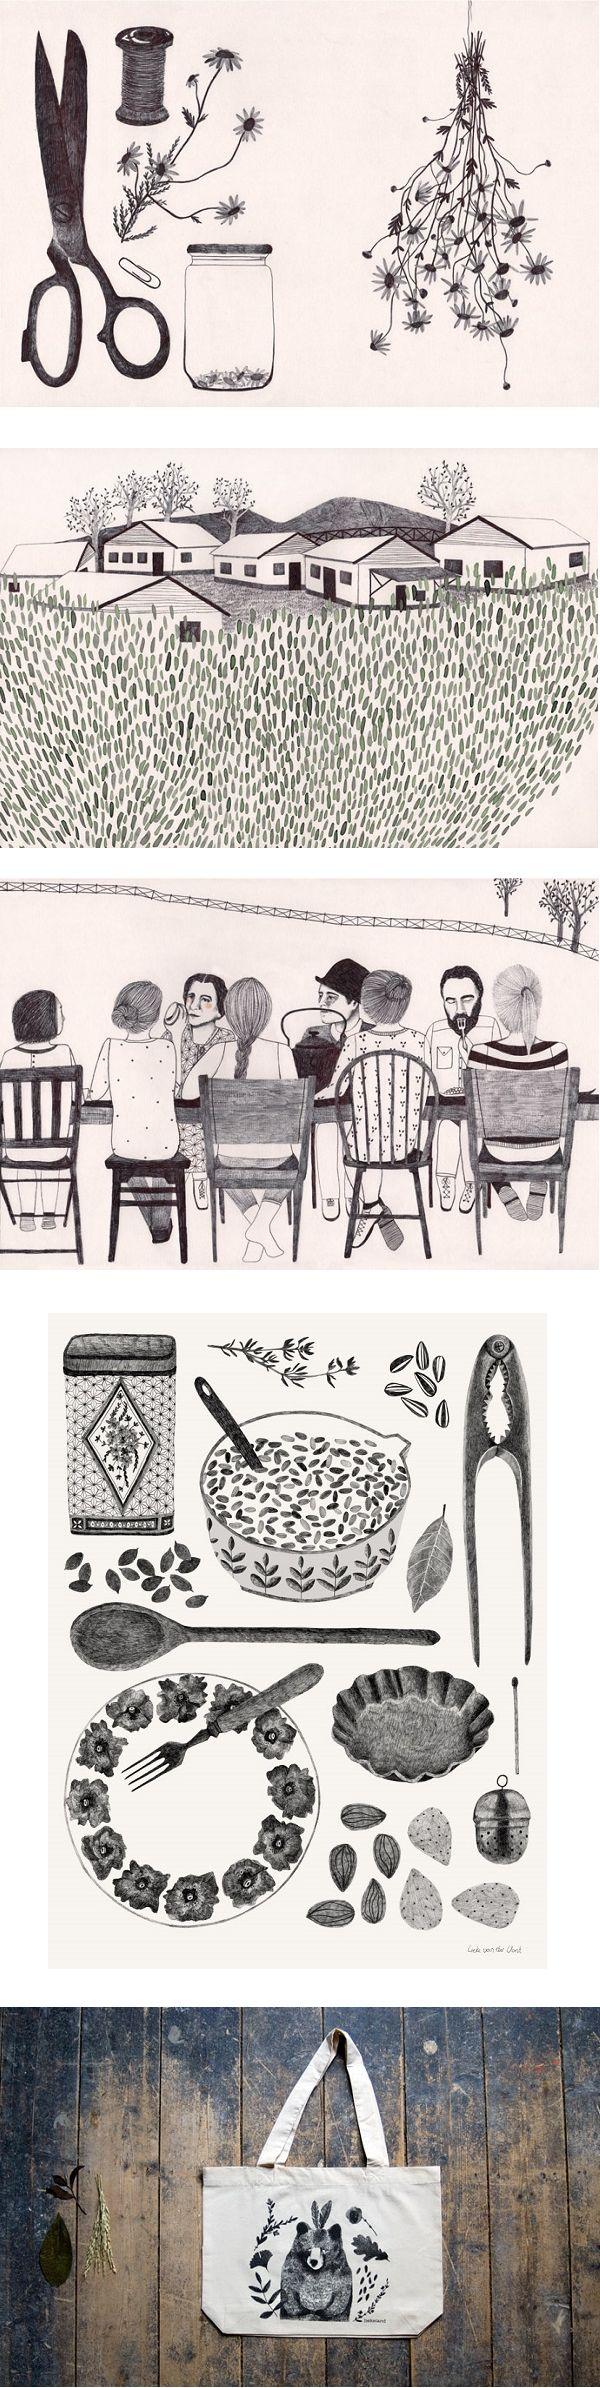 Lieke van der Vorst - illustration